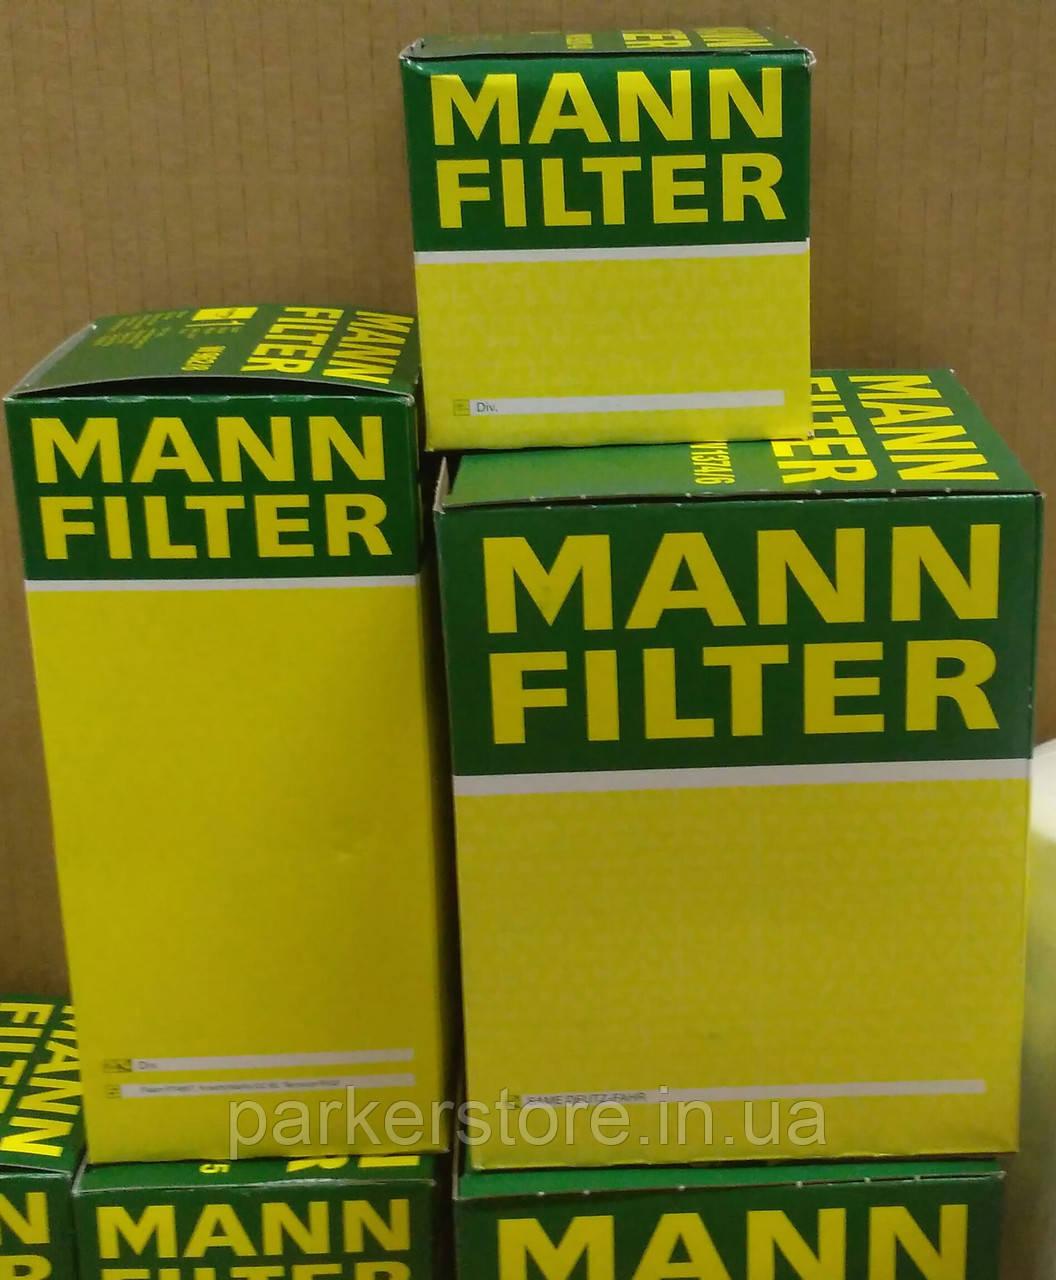 MANN FILTER / Воздушный фильтр / C 30 017 / C30017